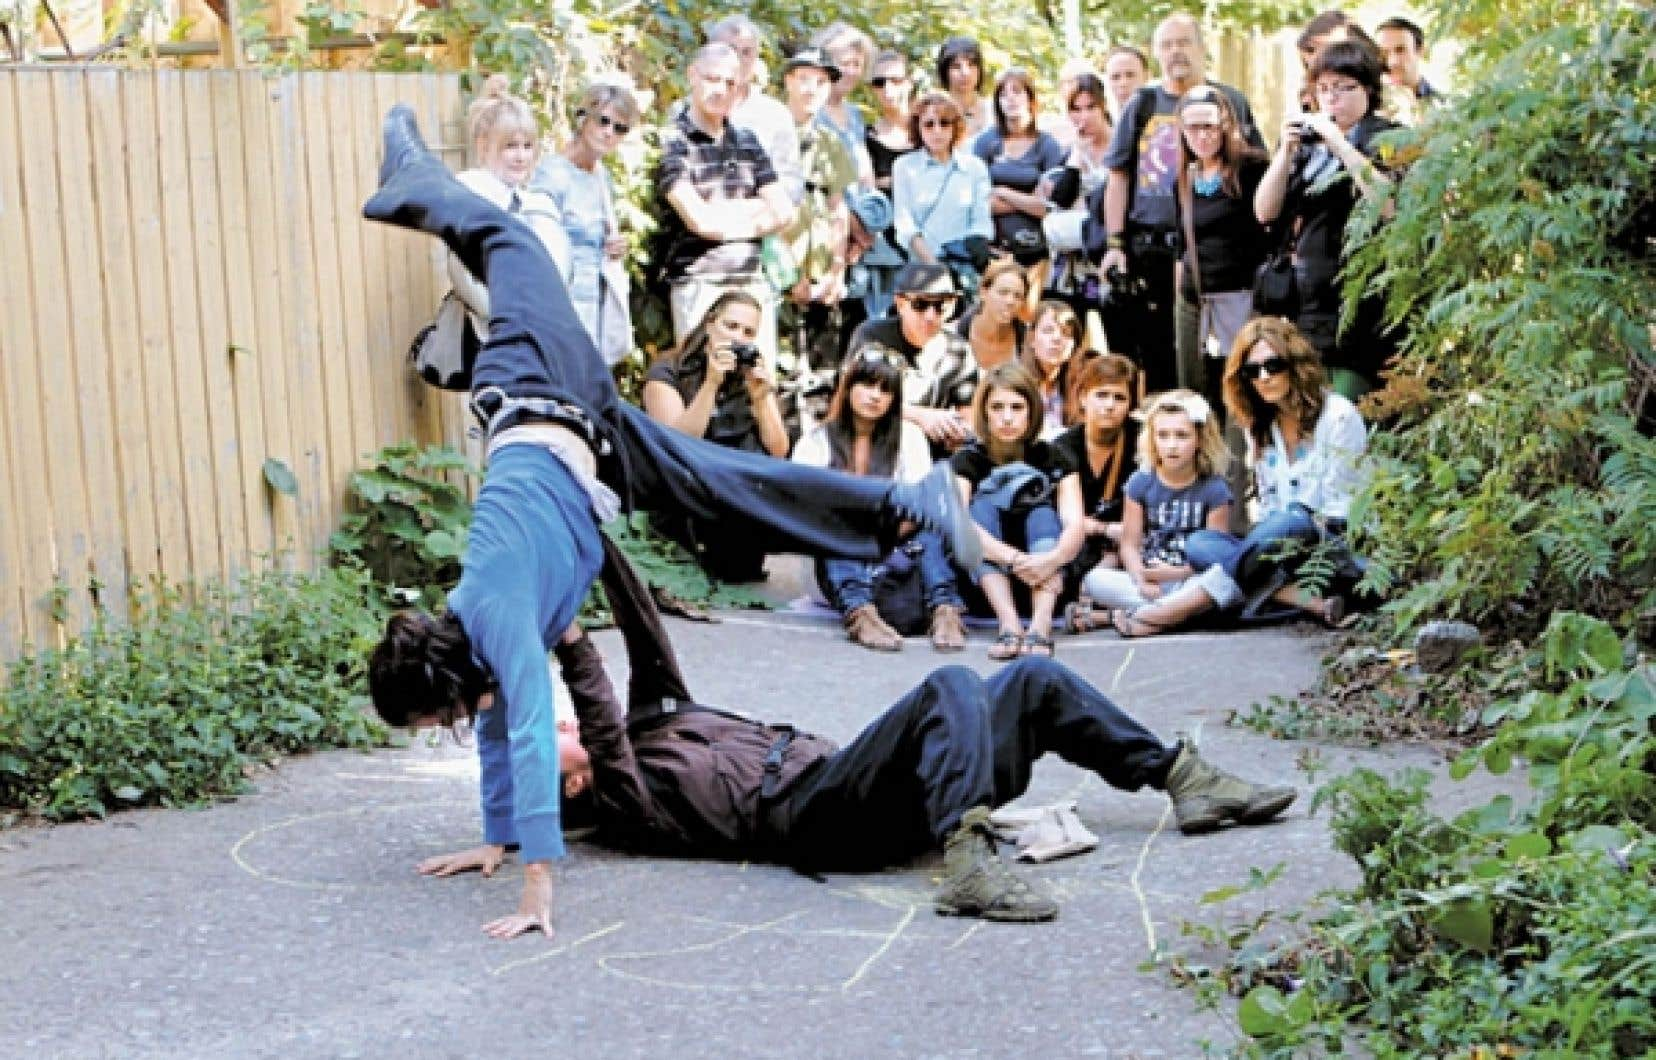 Les interpr&egrave;tes de Bal[let] de rue elles s&eacute;viront tout au long du festival Quartiers Danses, &agrave; partir d&rsquo;aujourd&rsquo;hui et jusqu&rsquo;au 25 septembre.<br />